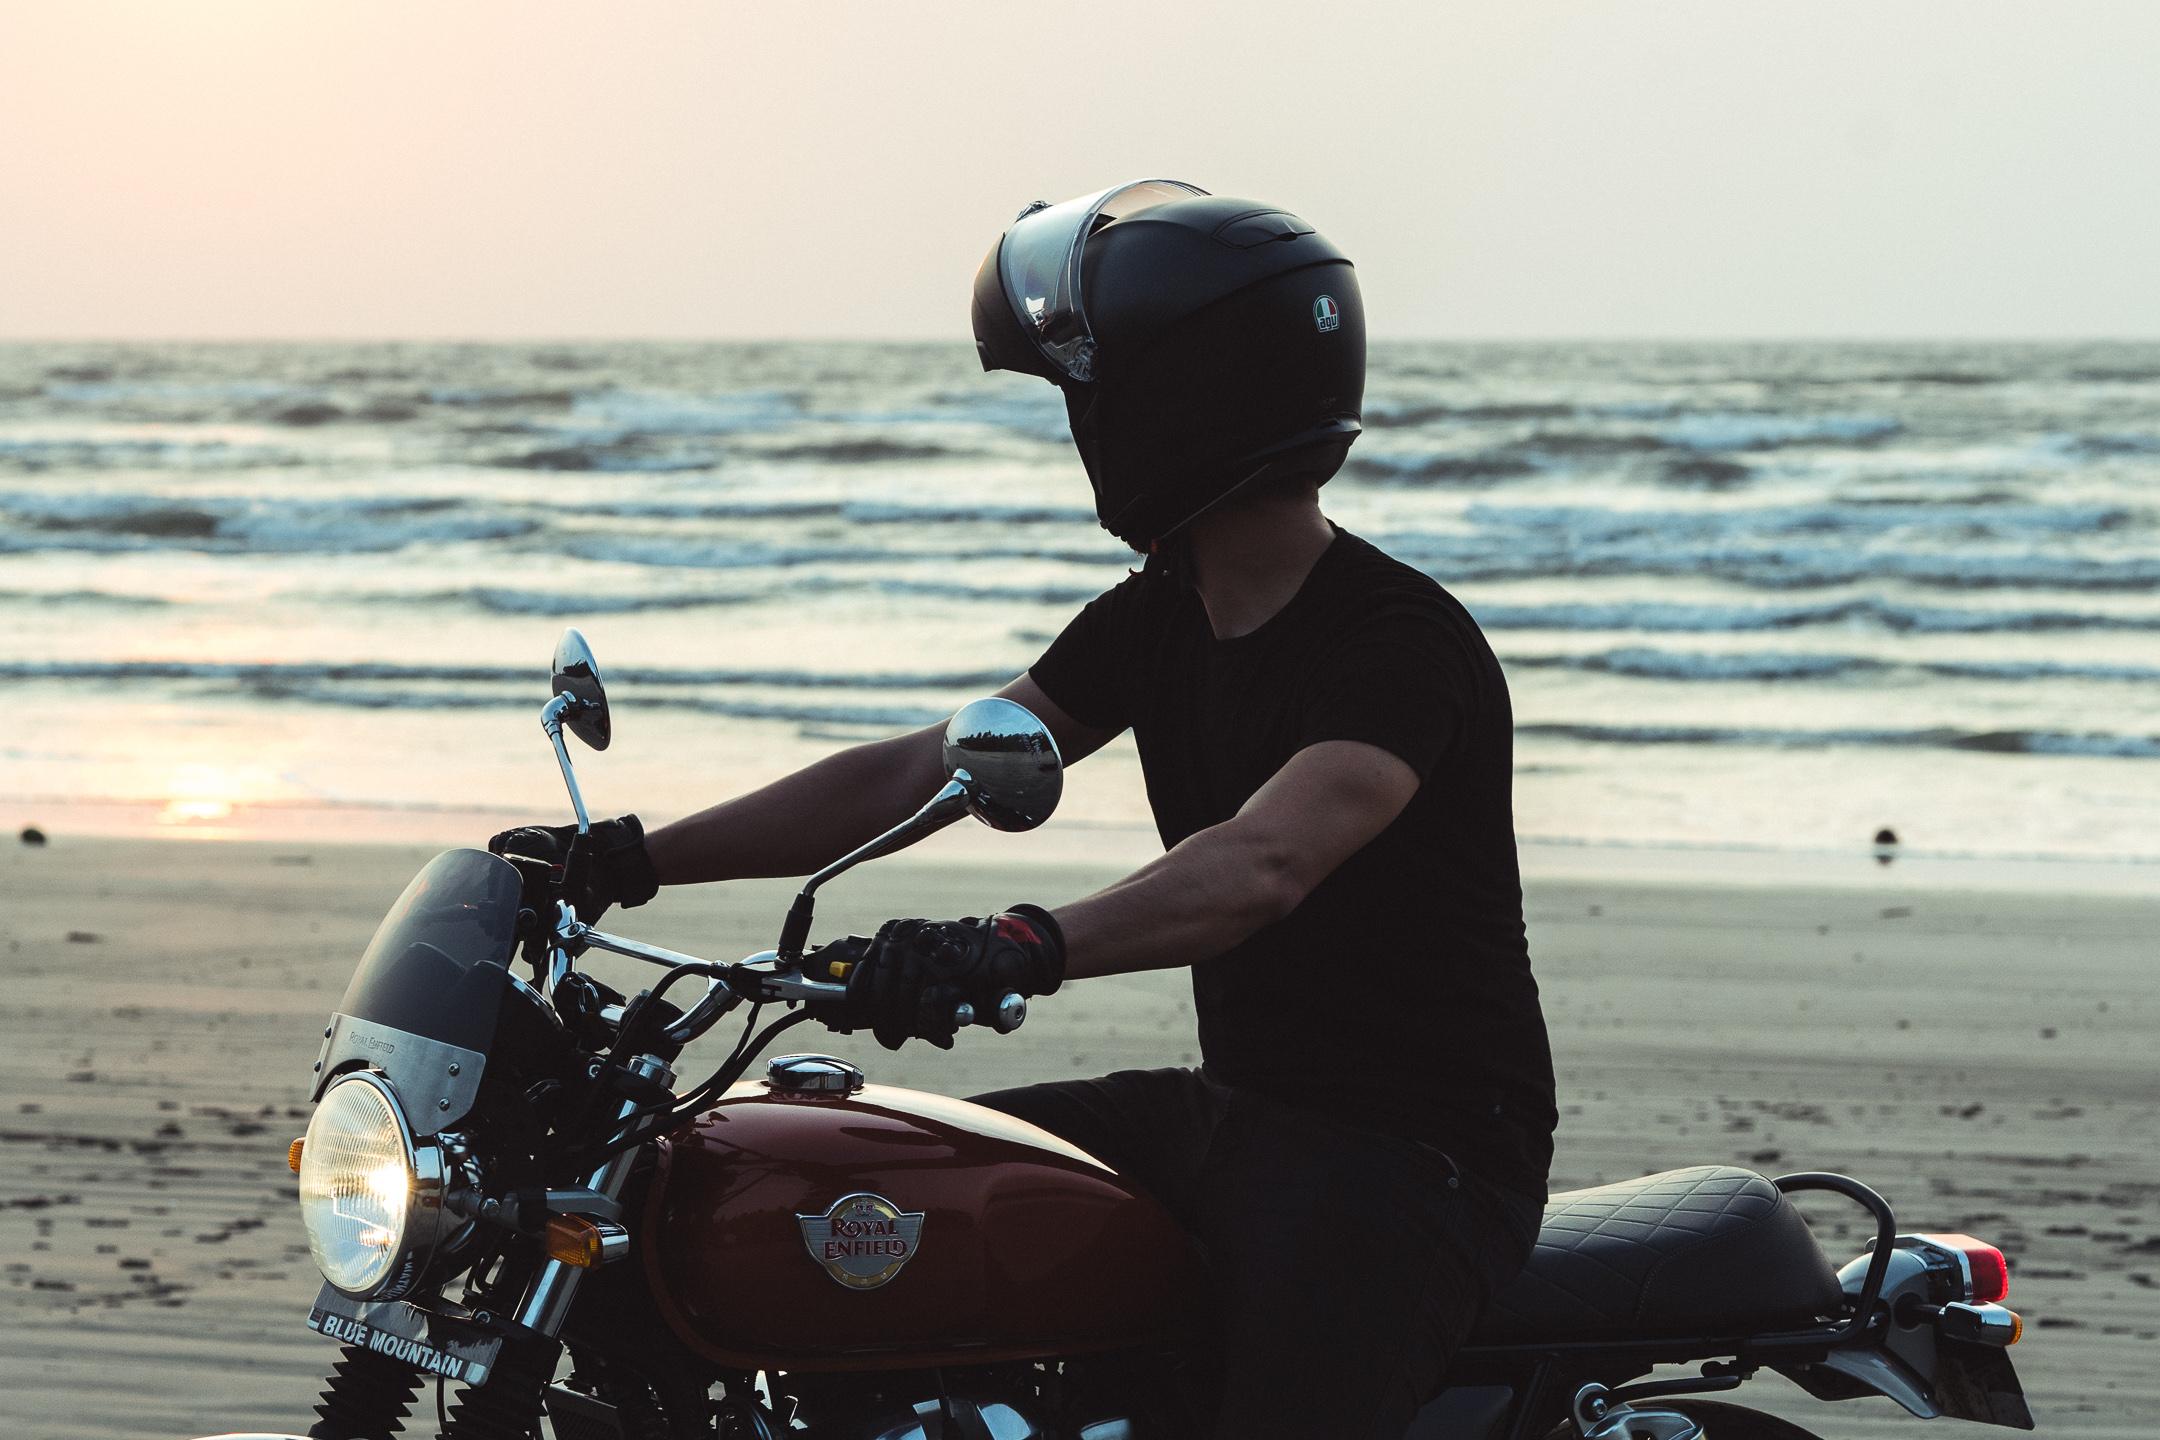 AGV sport modular helmet -  Royal Enfield Interceptor India kozhikode beach shot - kane avellano